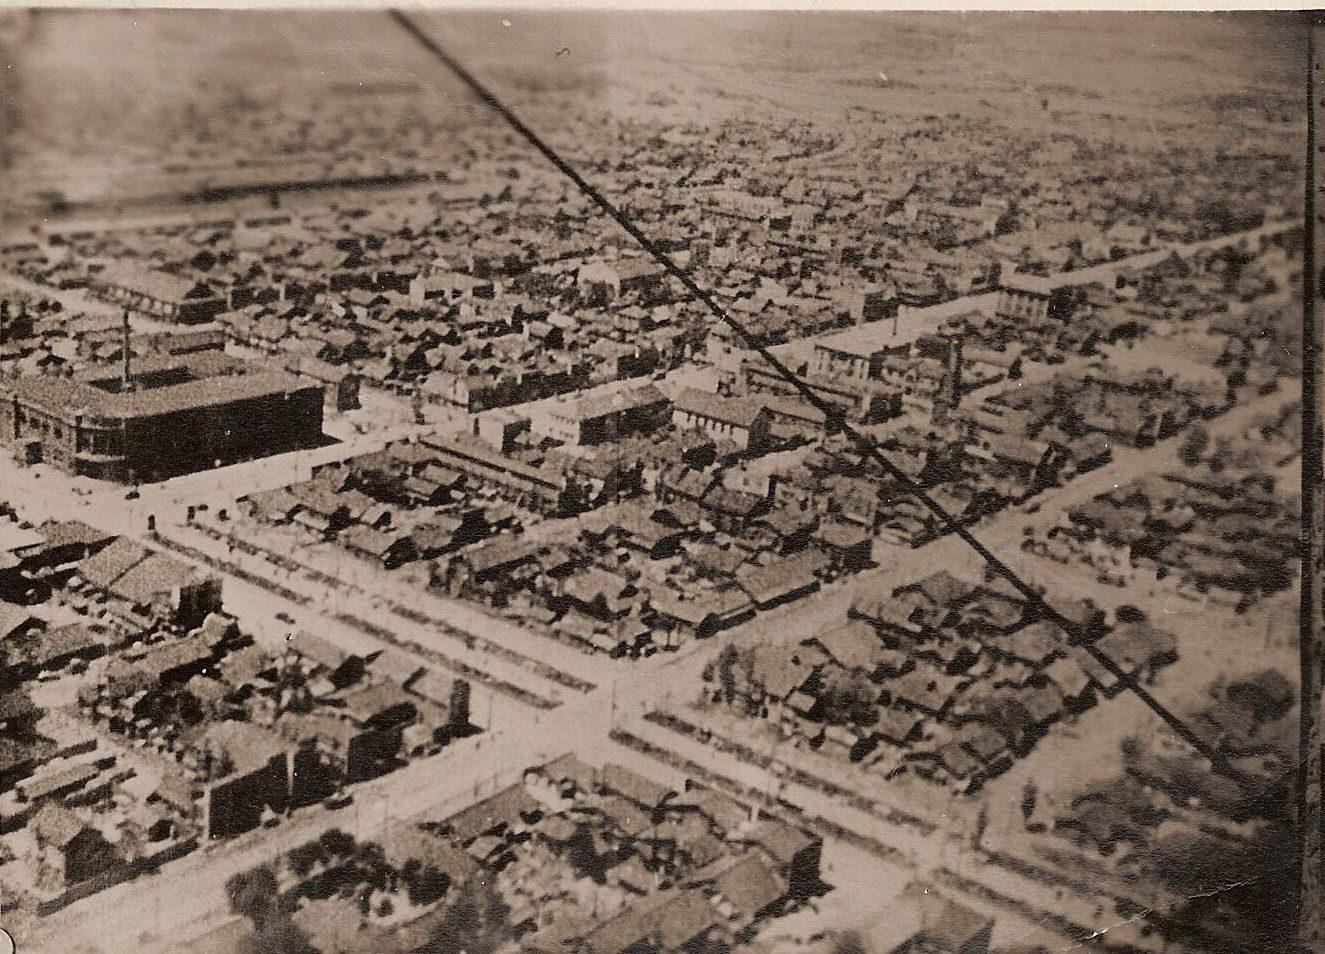 Общий вид города Тойохара с высоты птичьего полета. В центре виднеется улица Дзинзя-дори (Коммунистический пр-т) и здание почты.